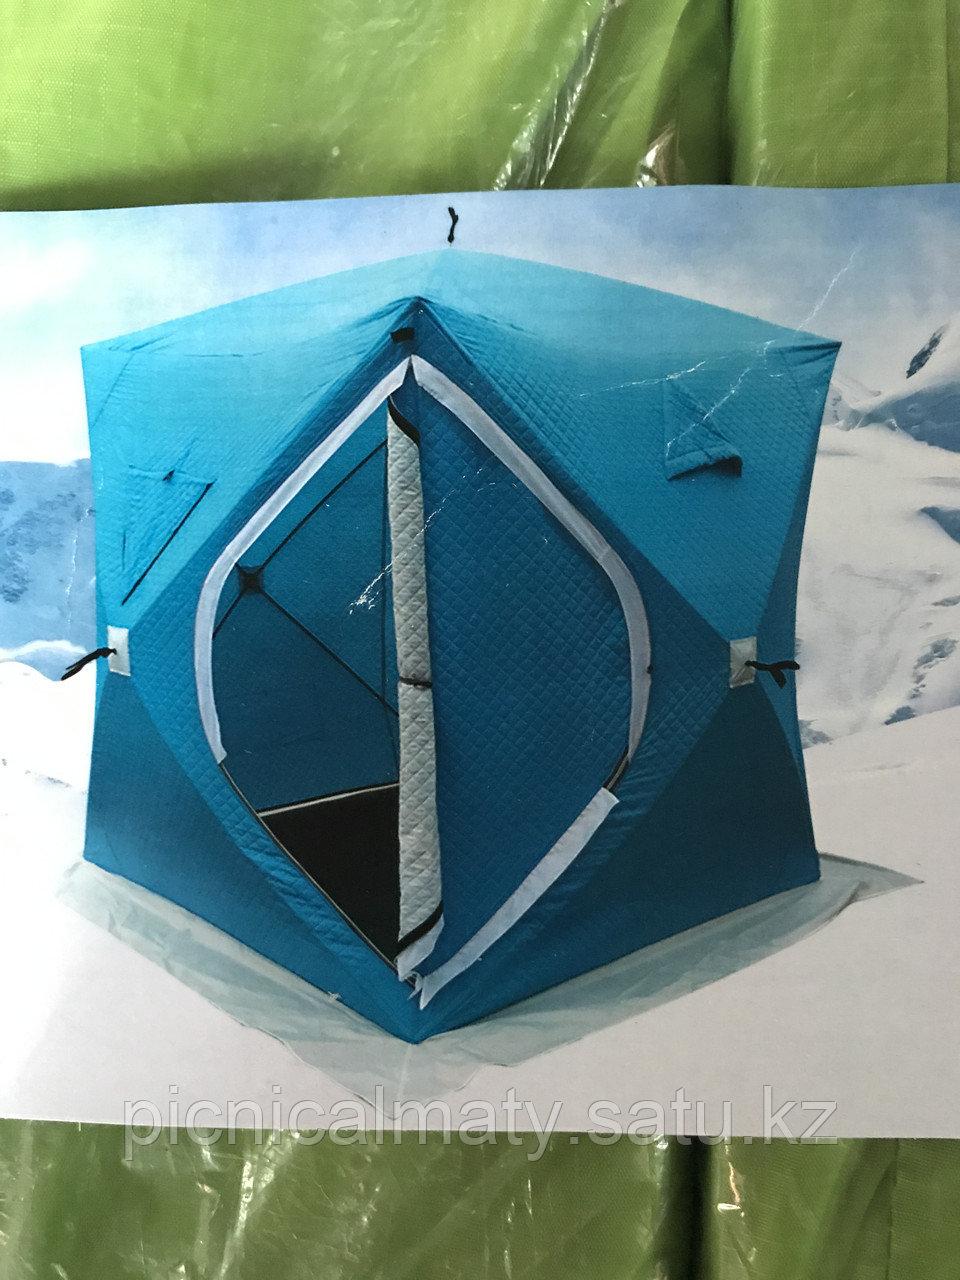 Палатка для зимней рыбалки куб утепленная на синтепоне Tuohai 1,8м - фото 1